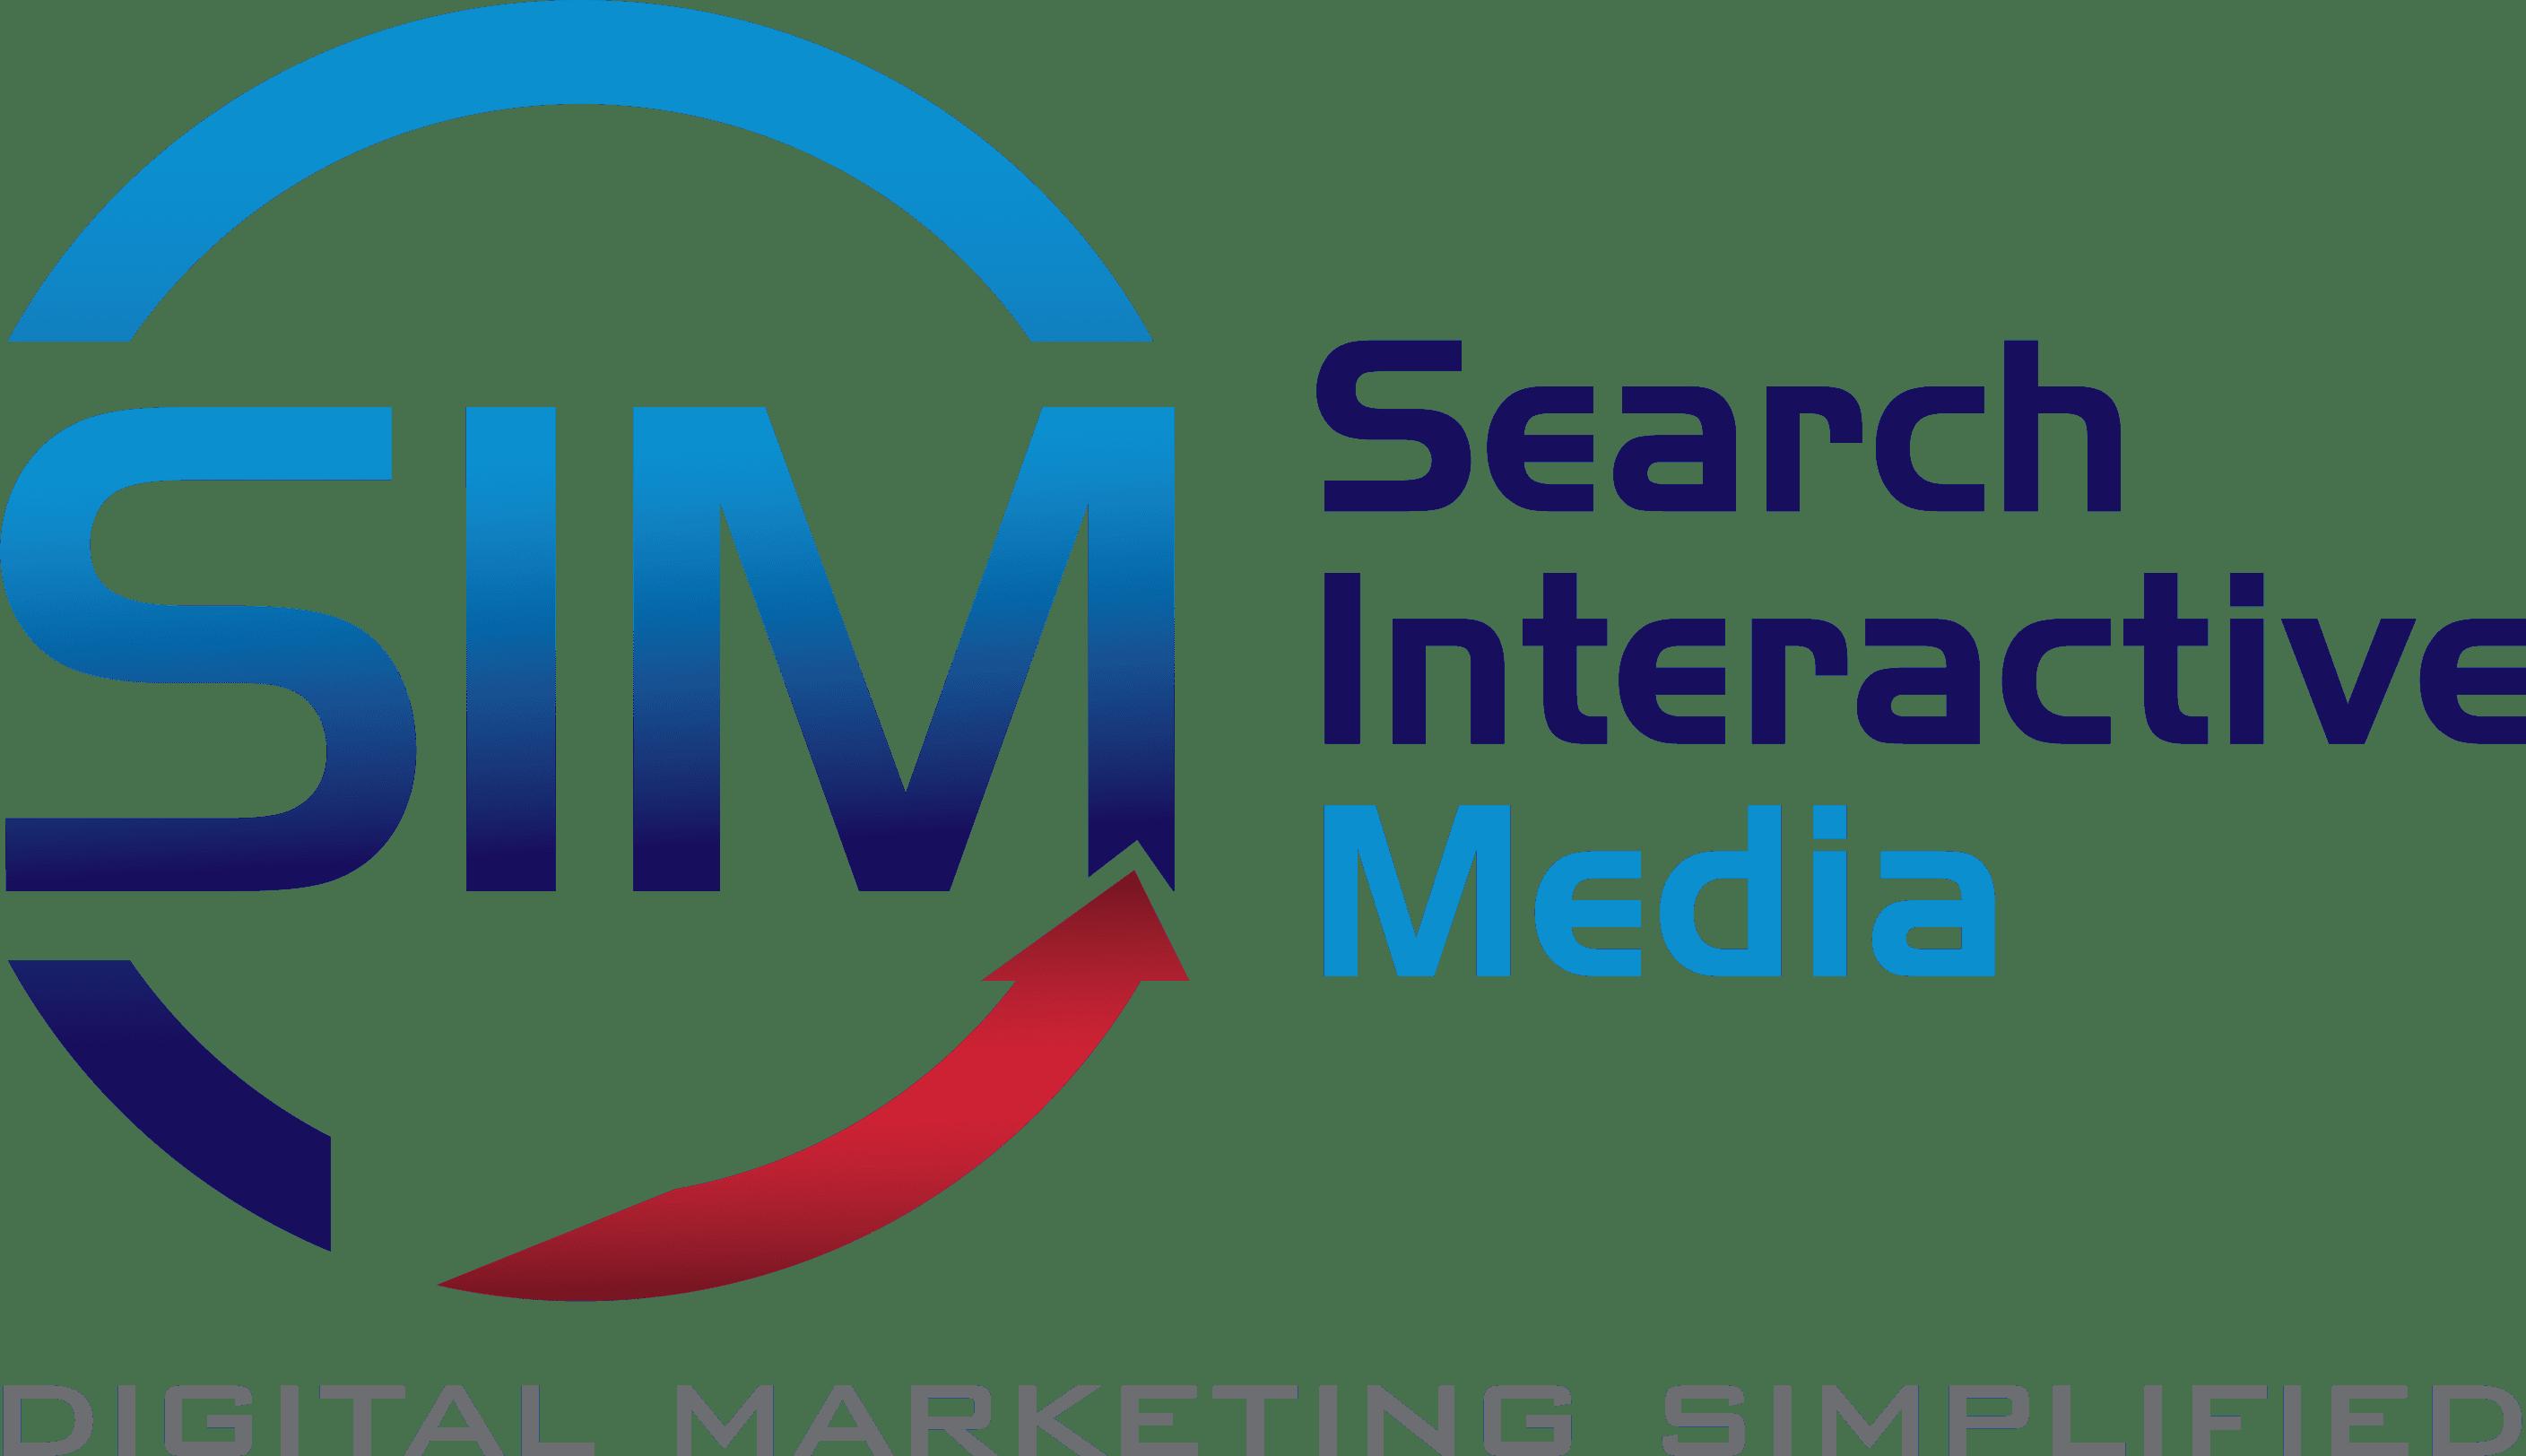 Search Interactive Media